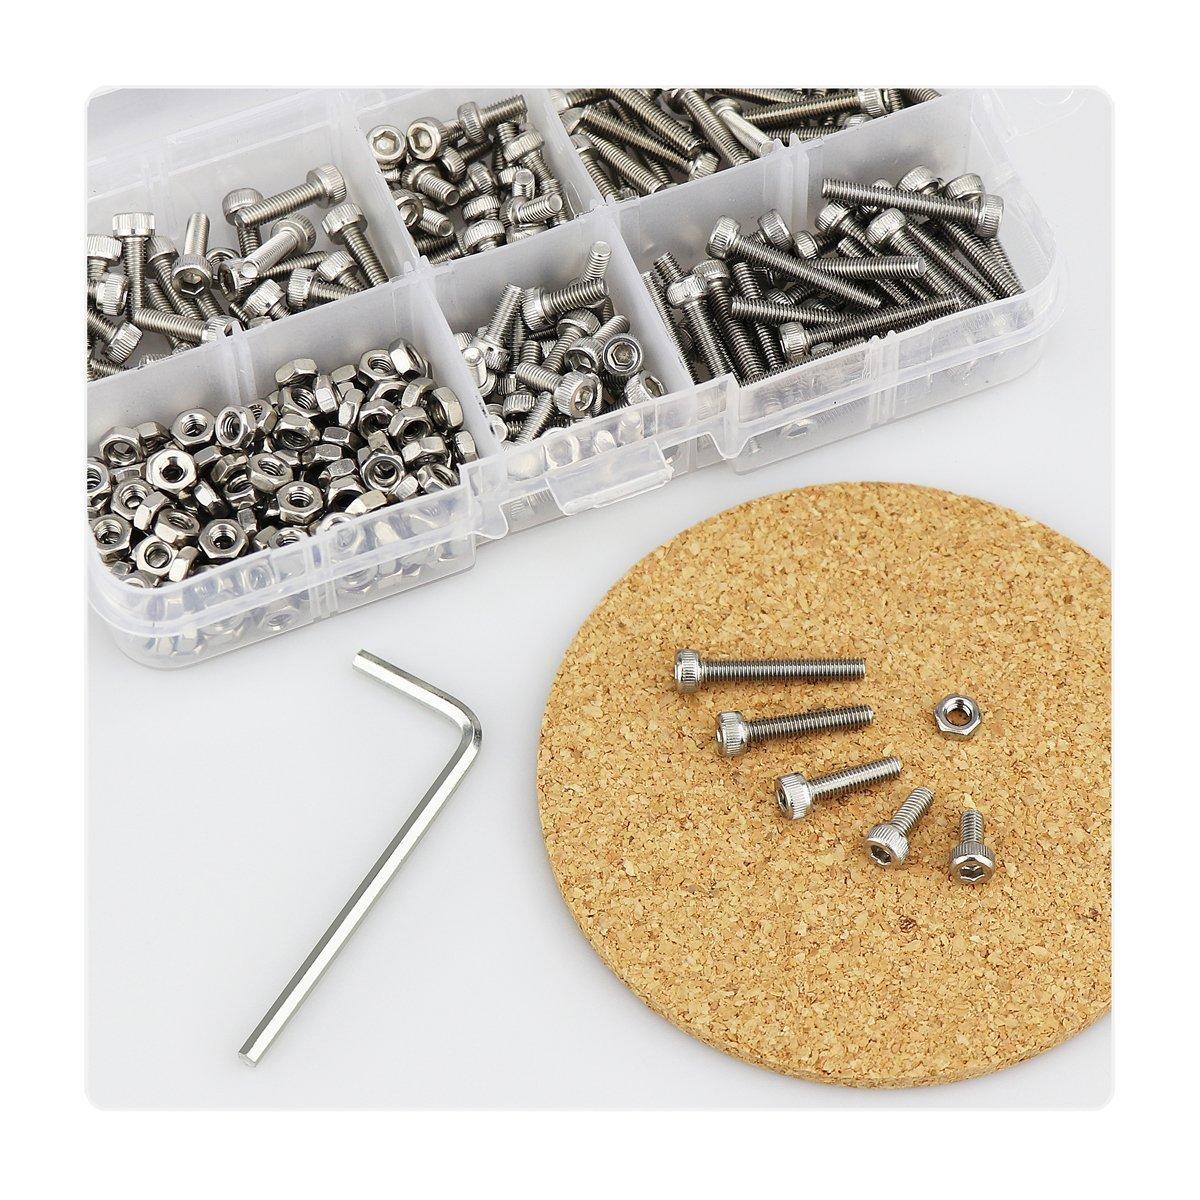 310 piezas plata pernos y tuercas m/étricas precisas con caja de herramientas de surtido para proyectos impresos en 3D Juego de tornillos y tuercas de cabeza hexagonal de acero inoxidable M3 kit surtido de llaves Allen